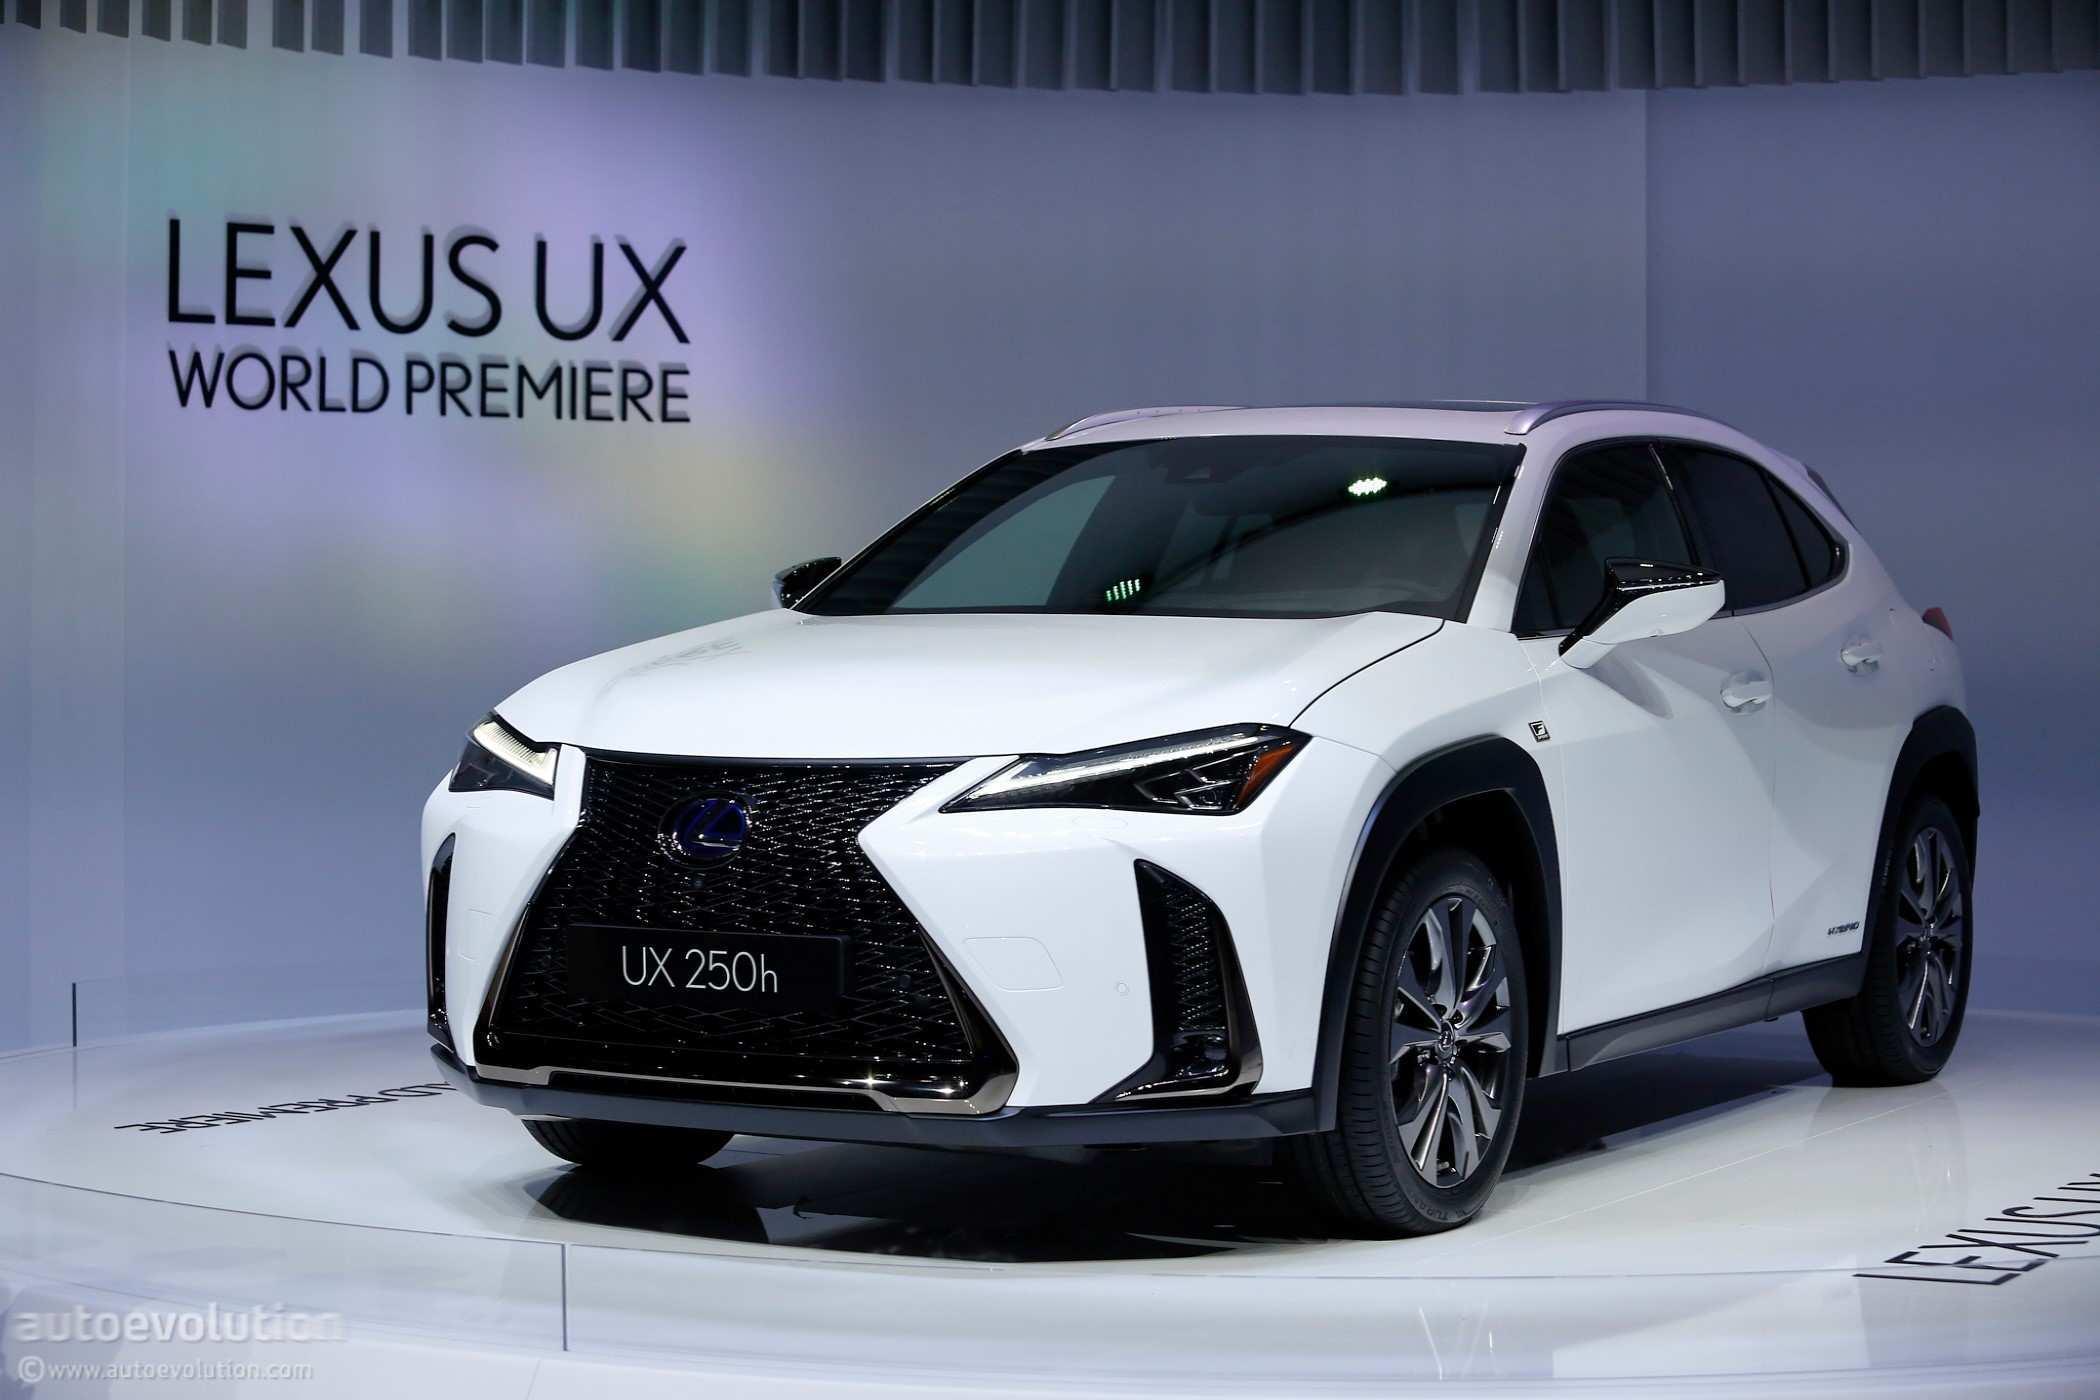 29 New Lexus 2020 Price for Lexus 2020